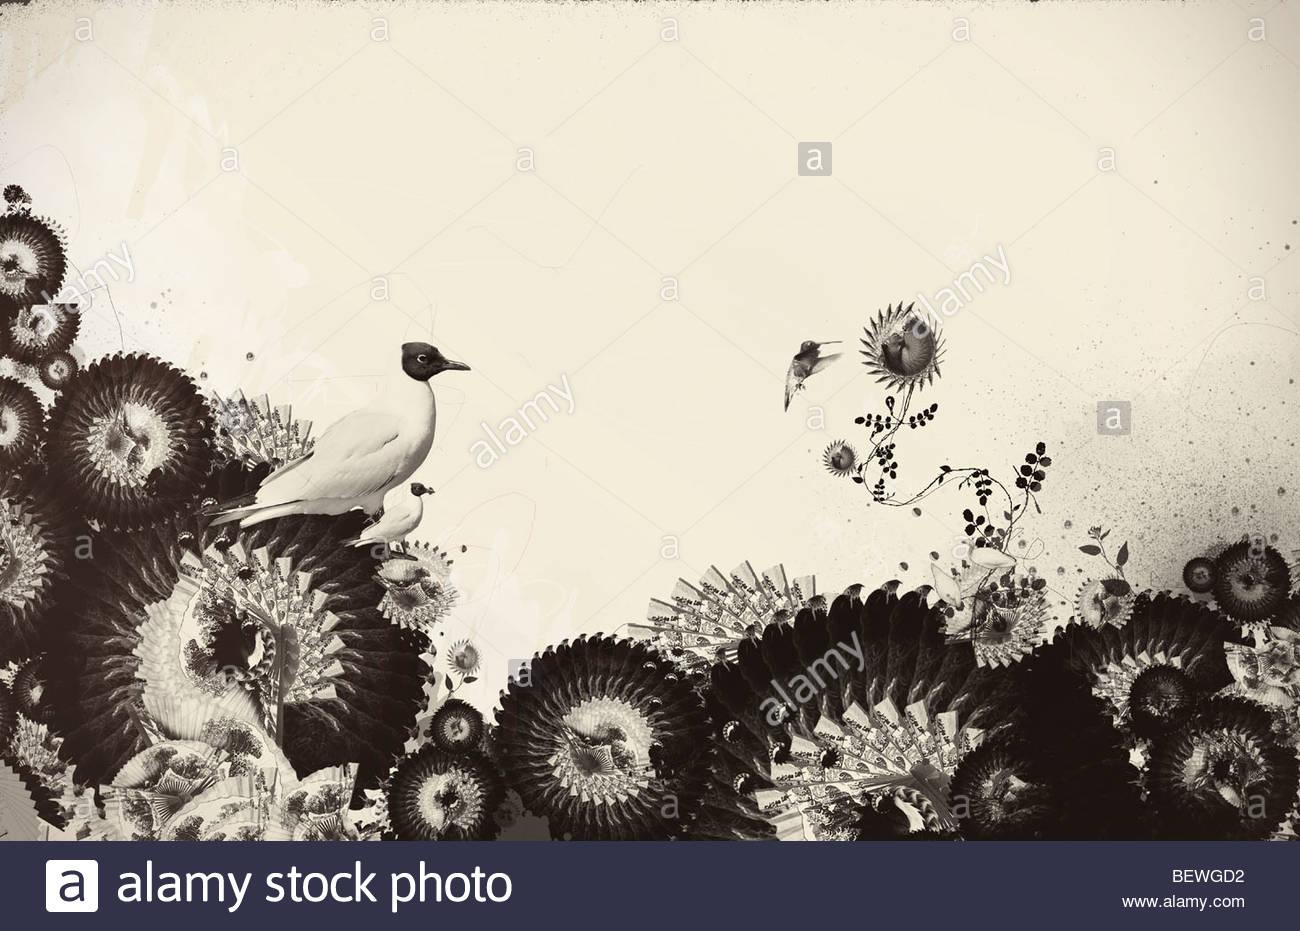 Aves y flores decorativas Imagen De Stock